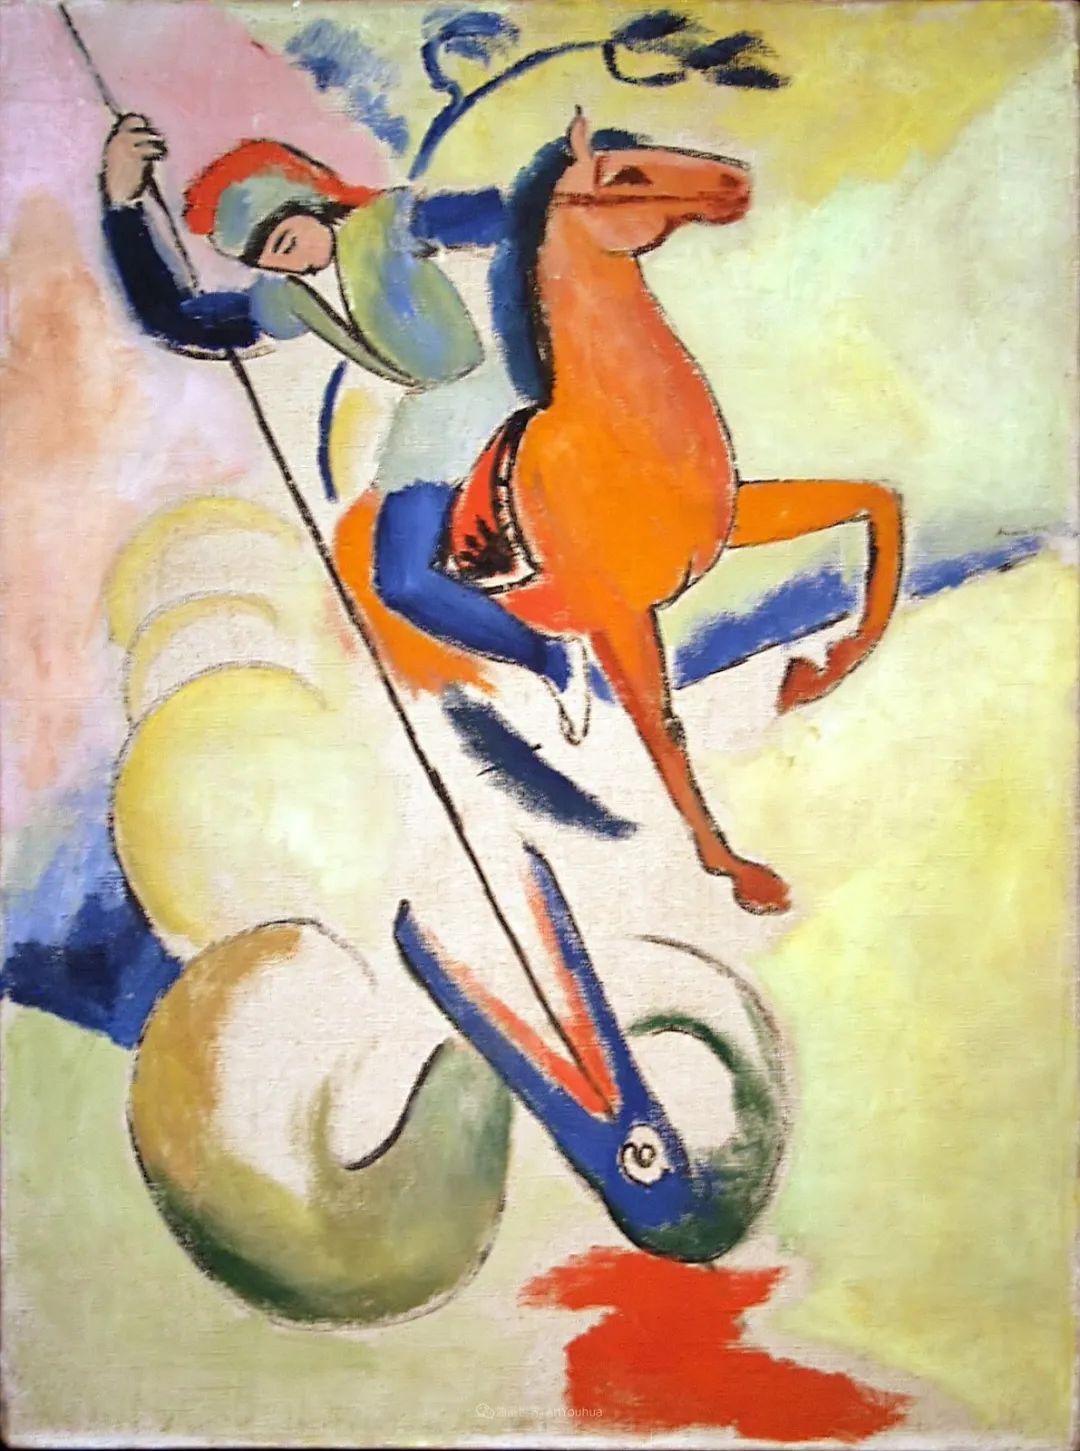 画面色彩的力量,德国表现主义画家奥古斯特·马克插图59